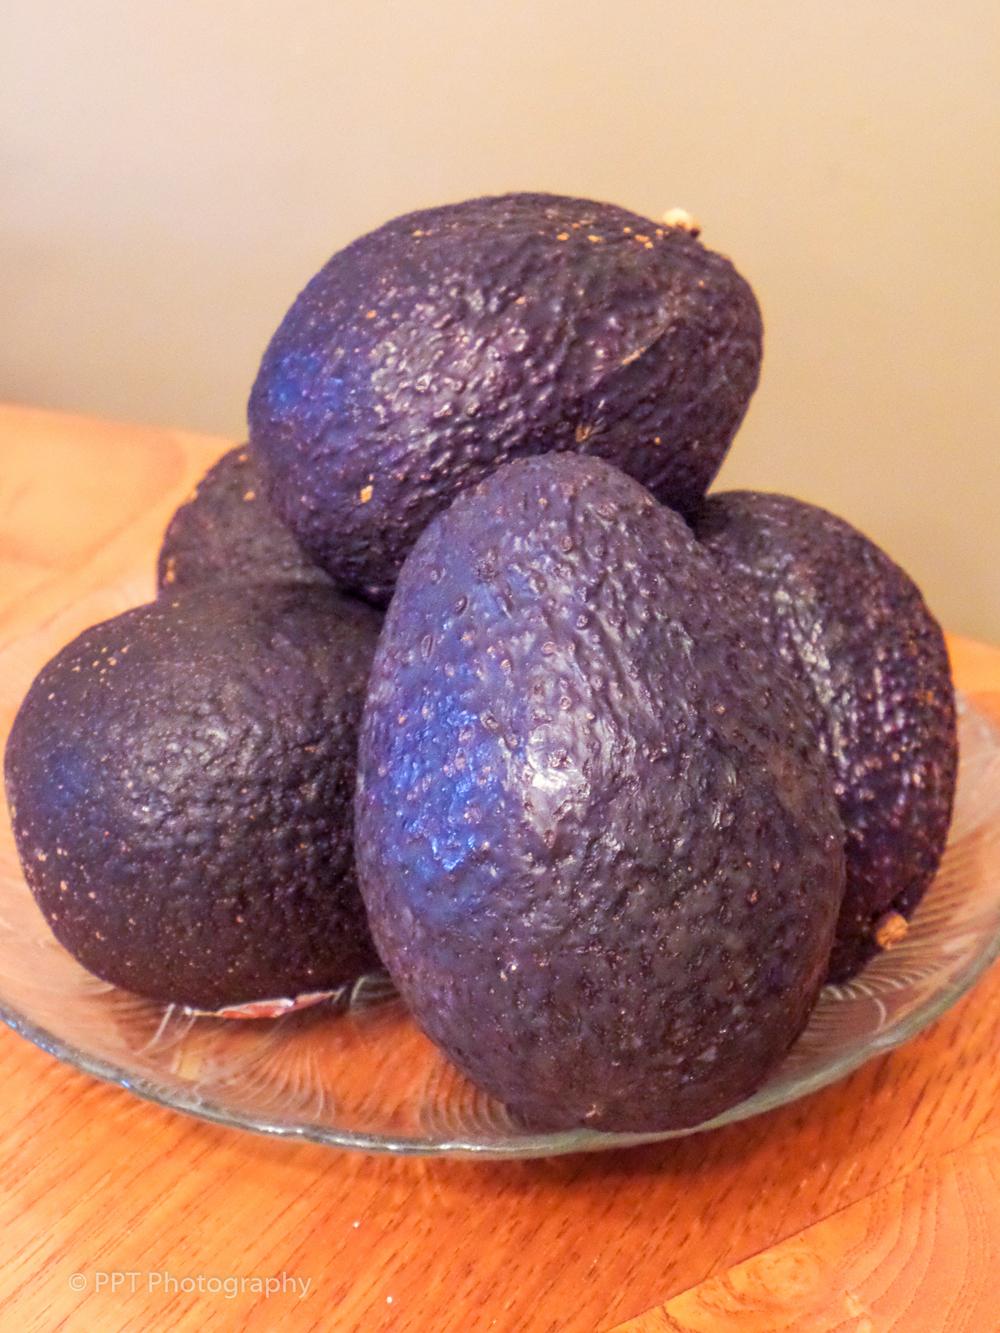 An avocado each day may cure many illnesses